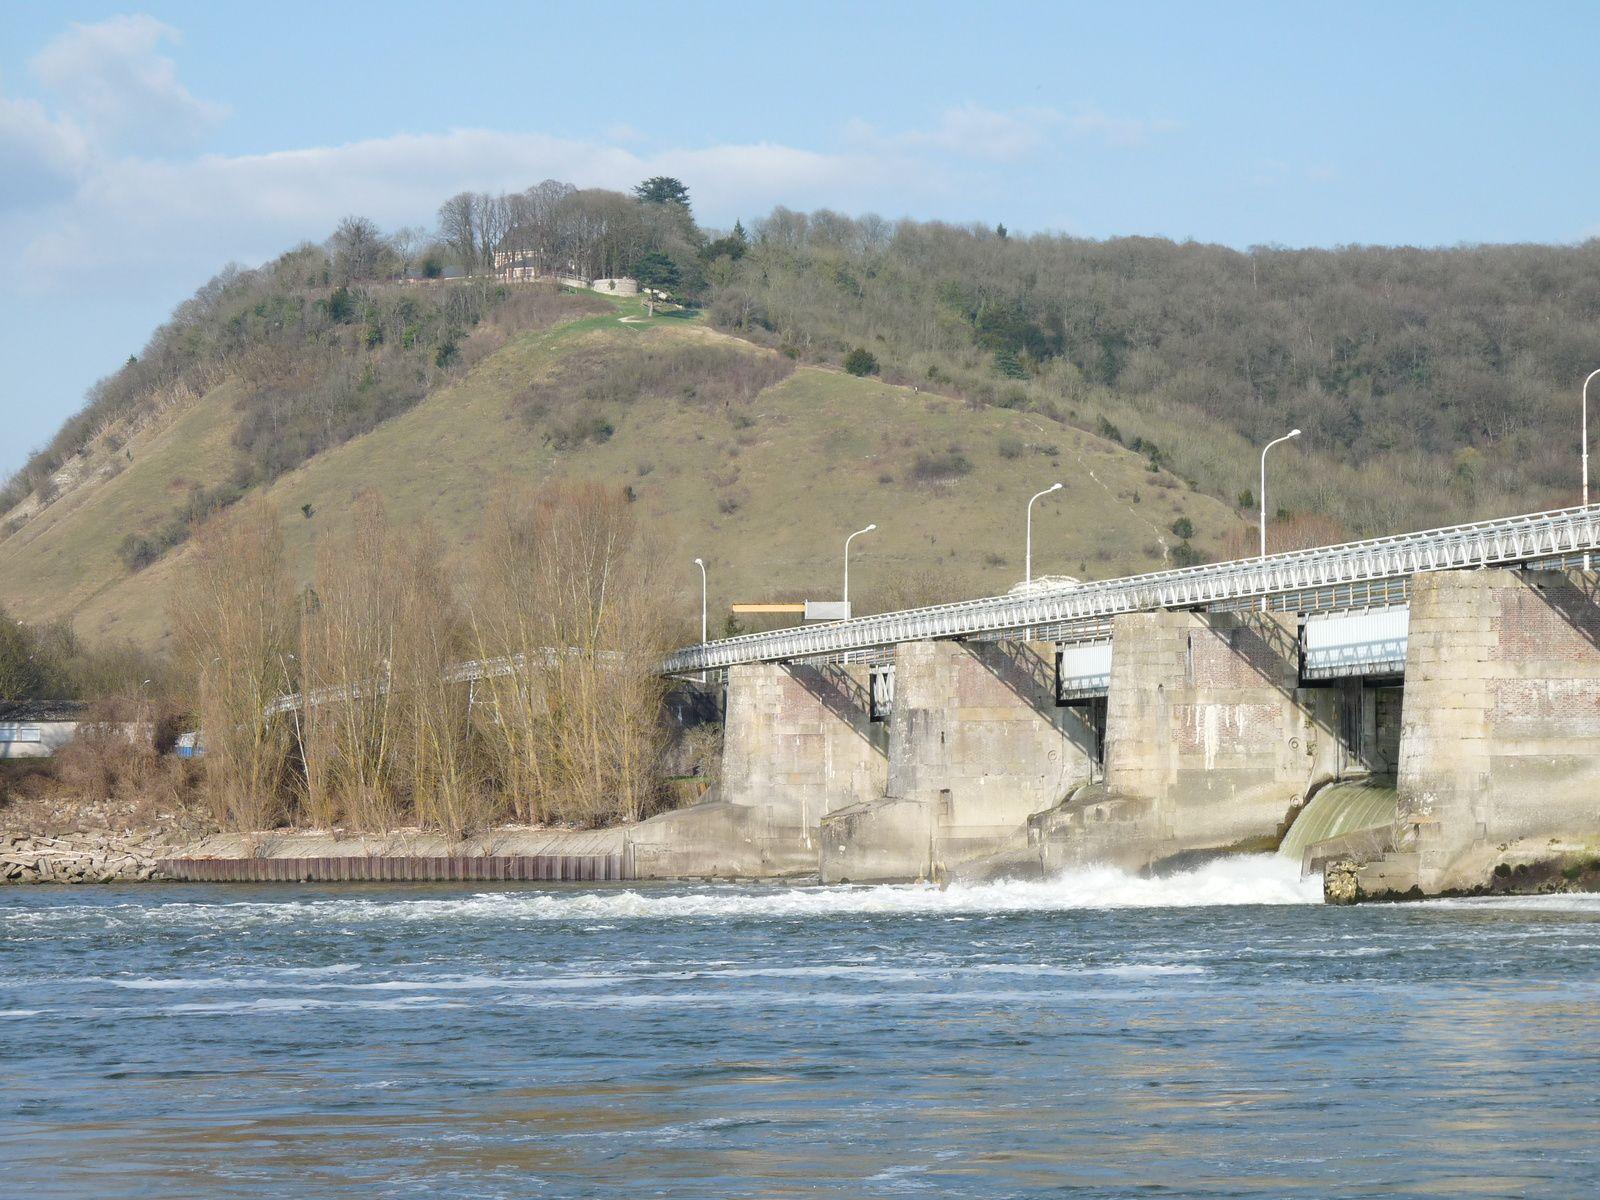 La côte des Deux-amants, avec au premier plan le barrage de Poses, vue depuis la rive gauche de la Seine (cliché Armand Launay, mars 2012).